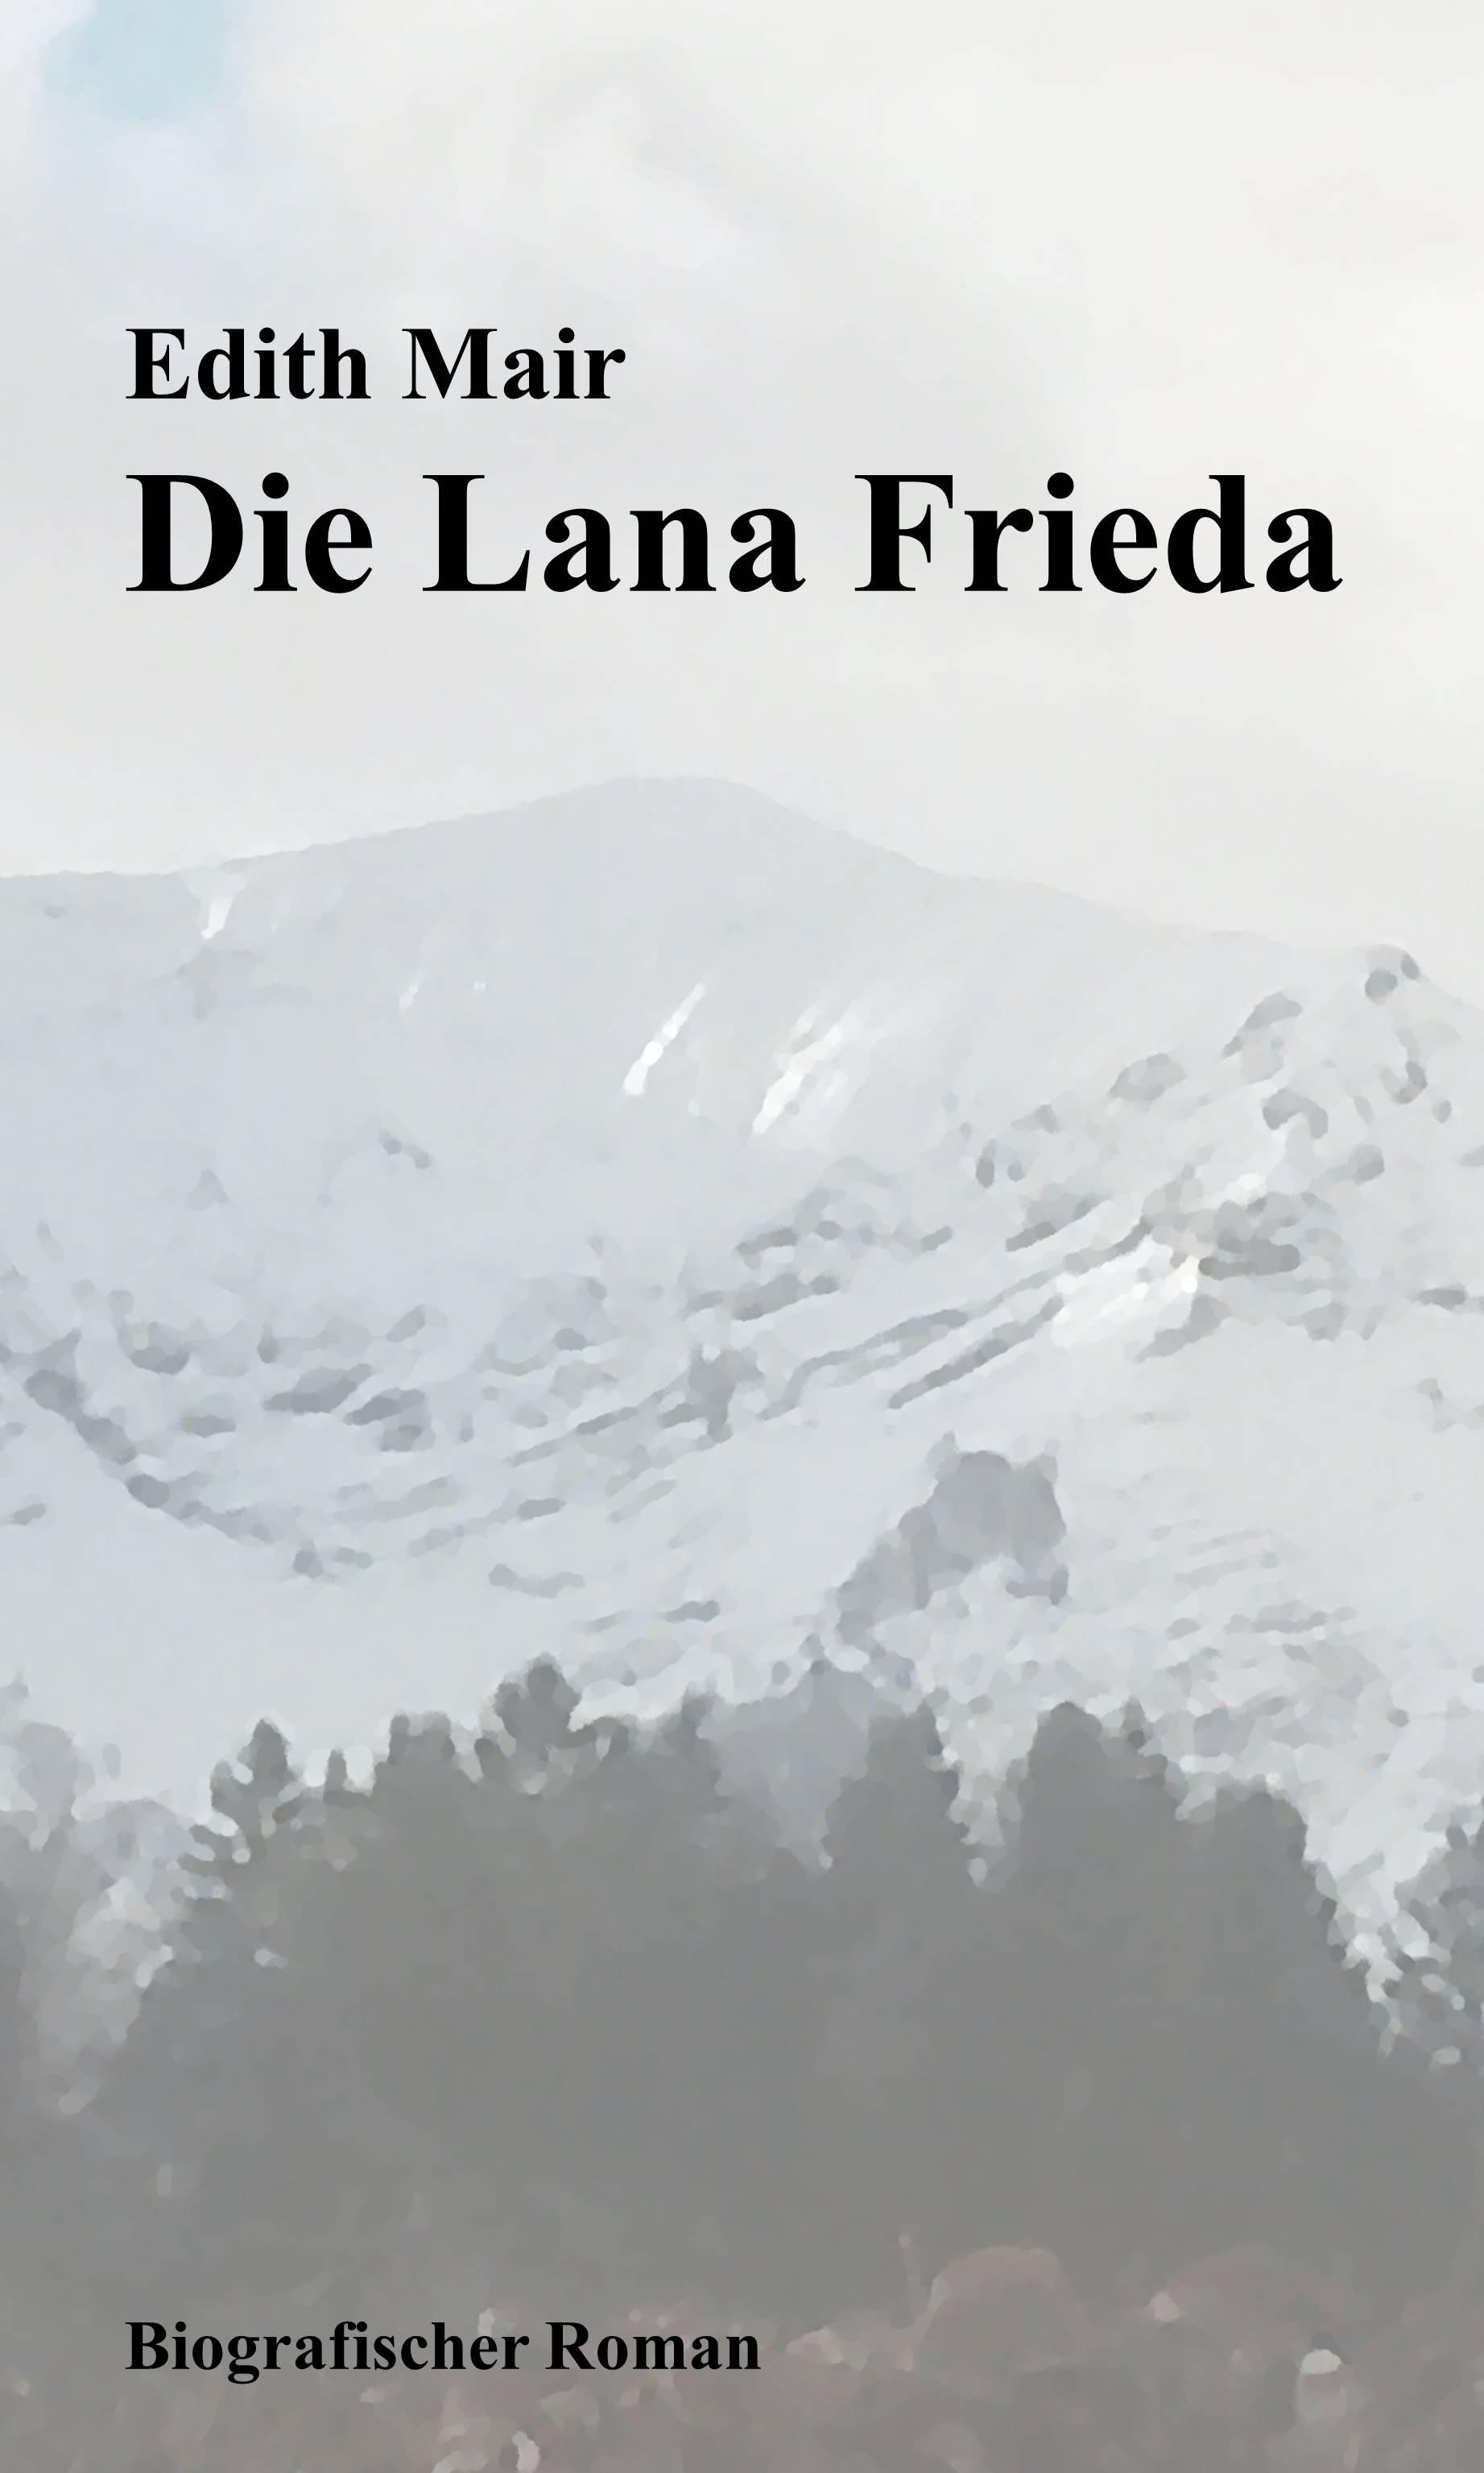 Die Lana Frieda - Biografie des Bauernmädchens aus Osttirol. Buchcover Vorderseite.